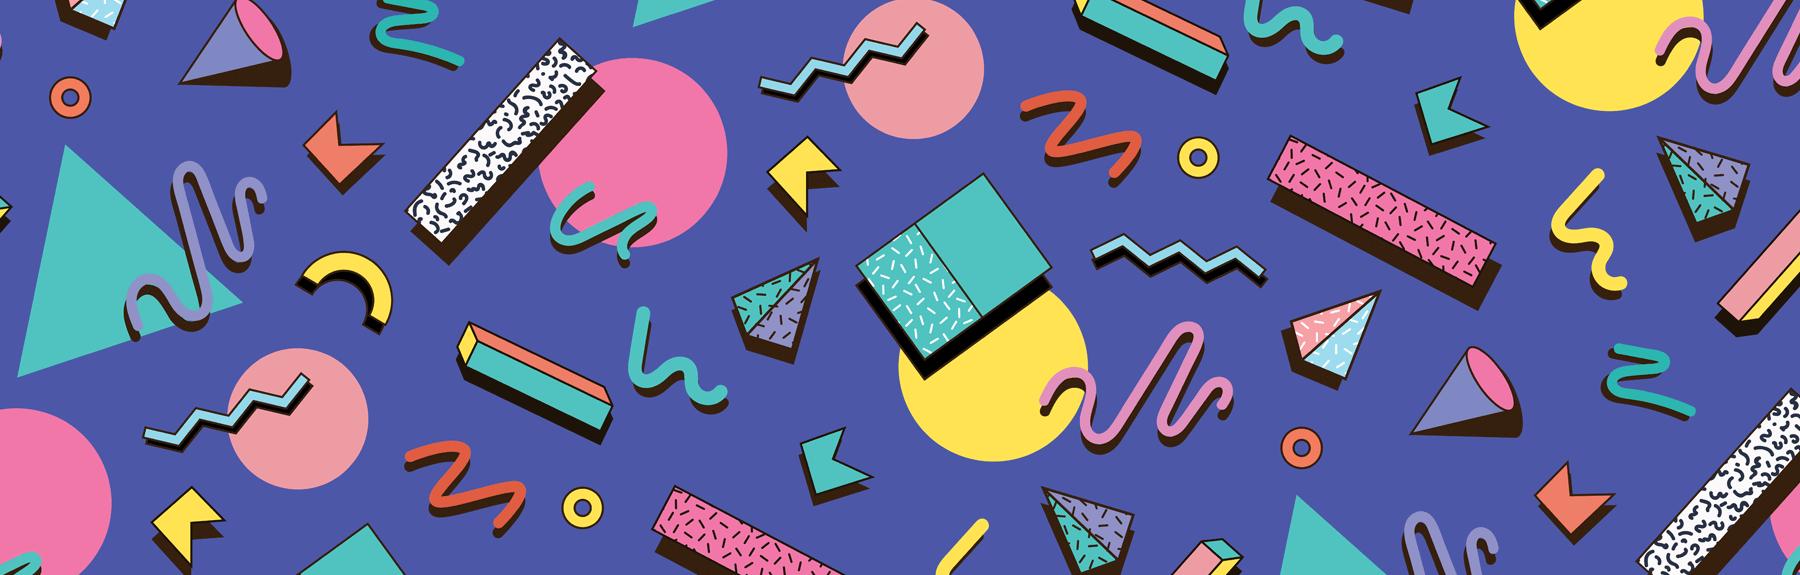 color-psychology-ux-design-header